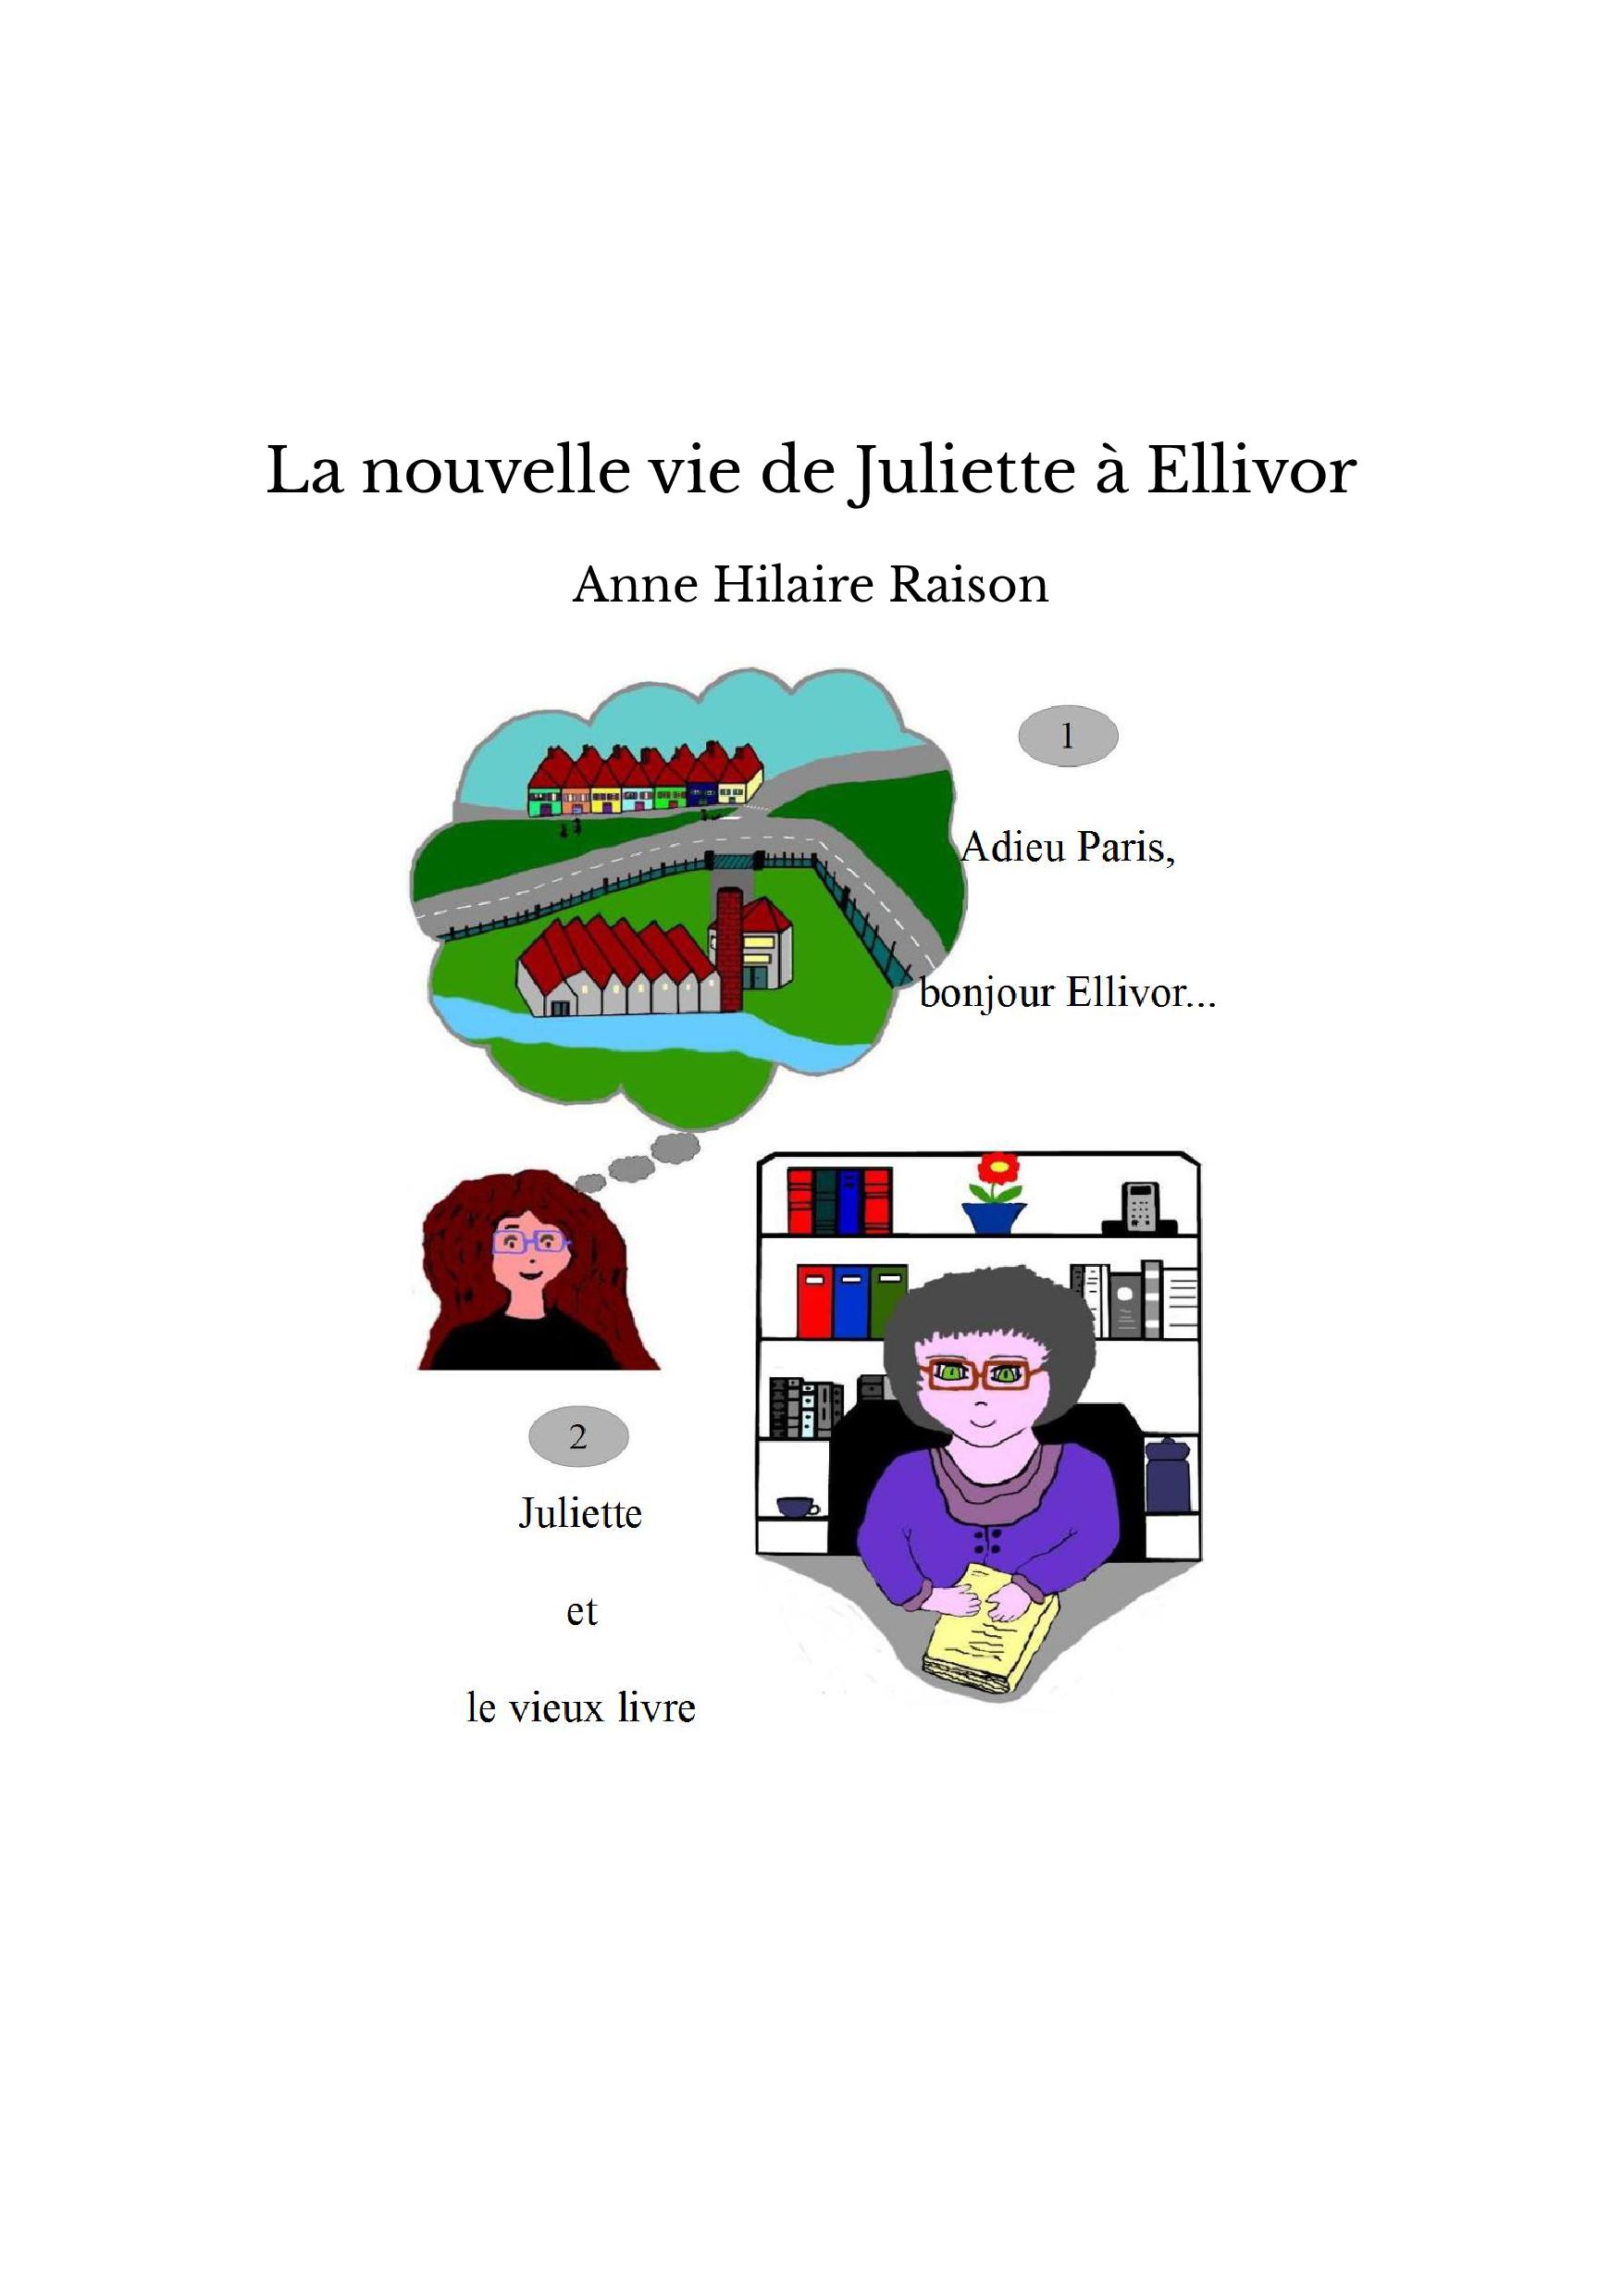 La nouvelle vie de Juliette à Ellivor